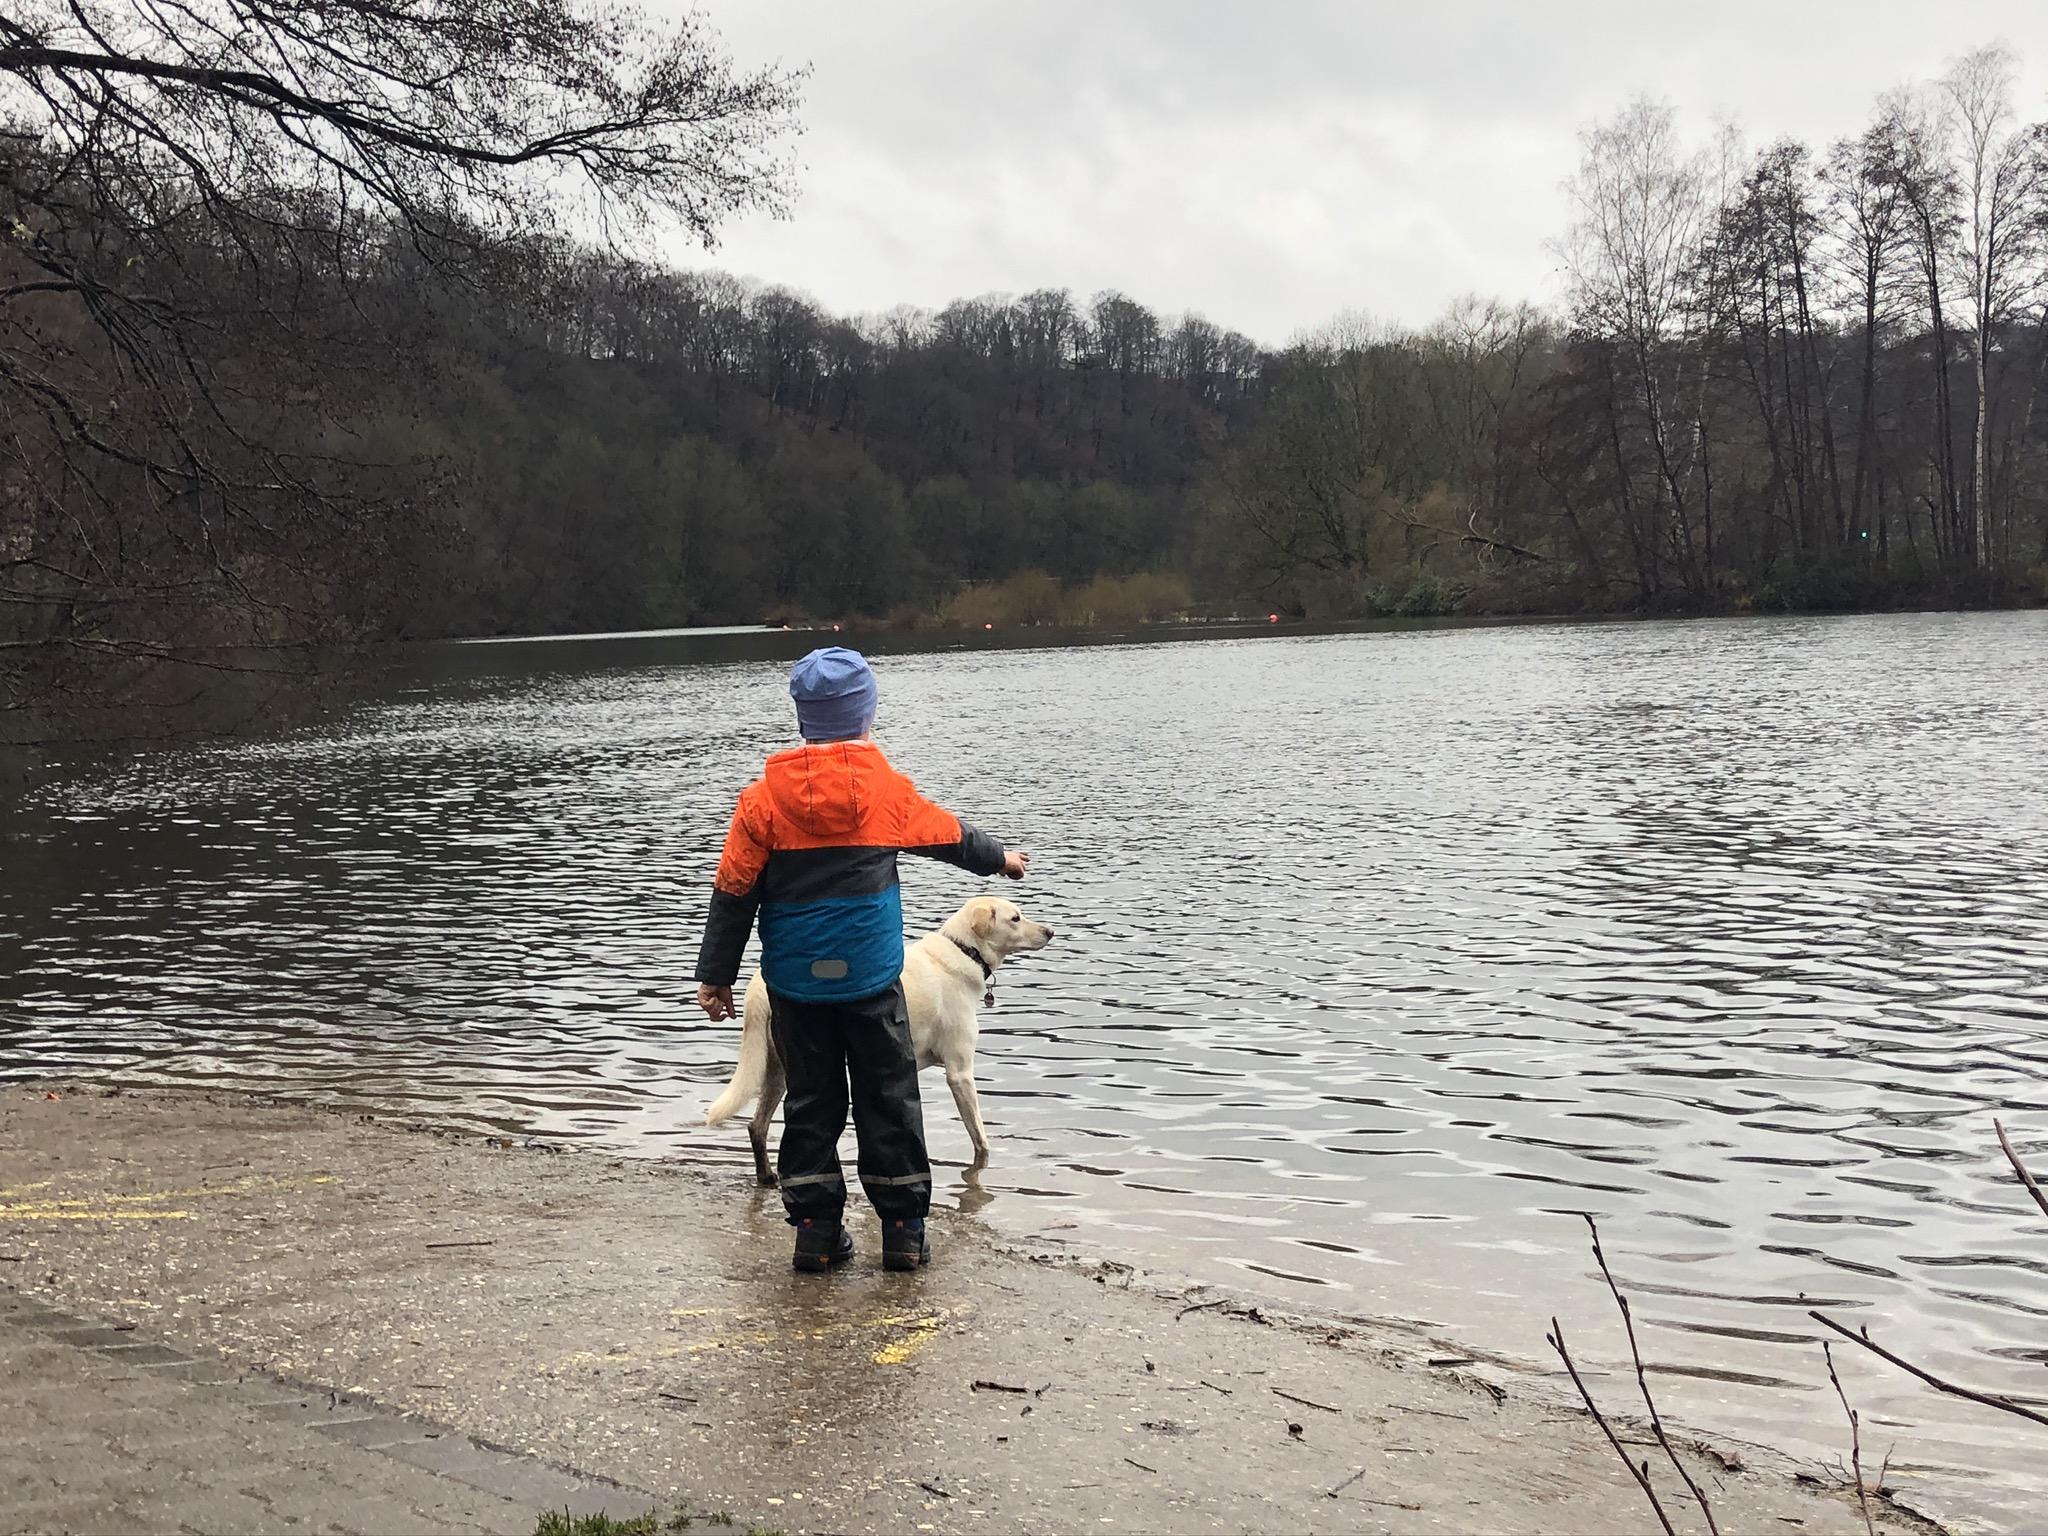 Mit Hund und Kind an der Ruhr am Fuße der Burgruine Hardenstein in Witten im Ruhrgebiet